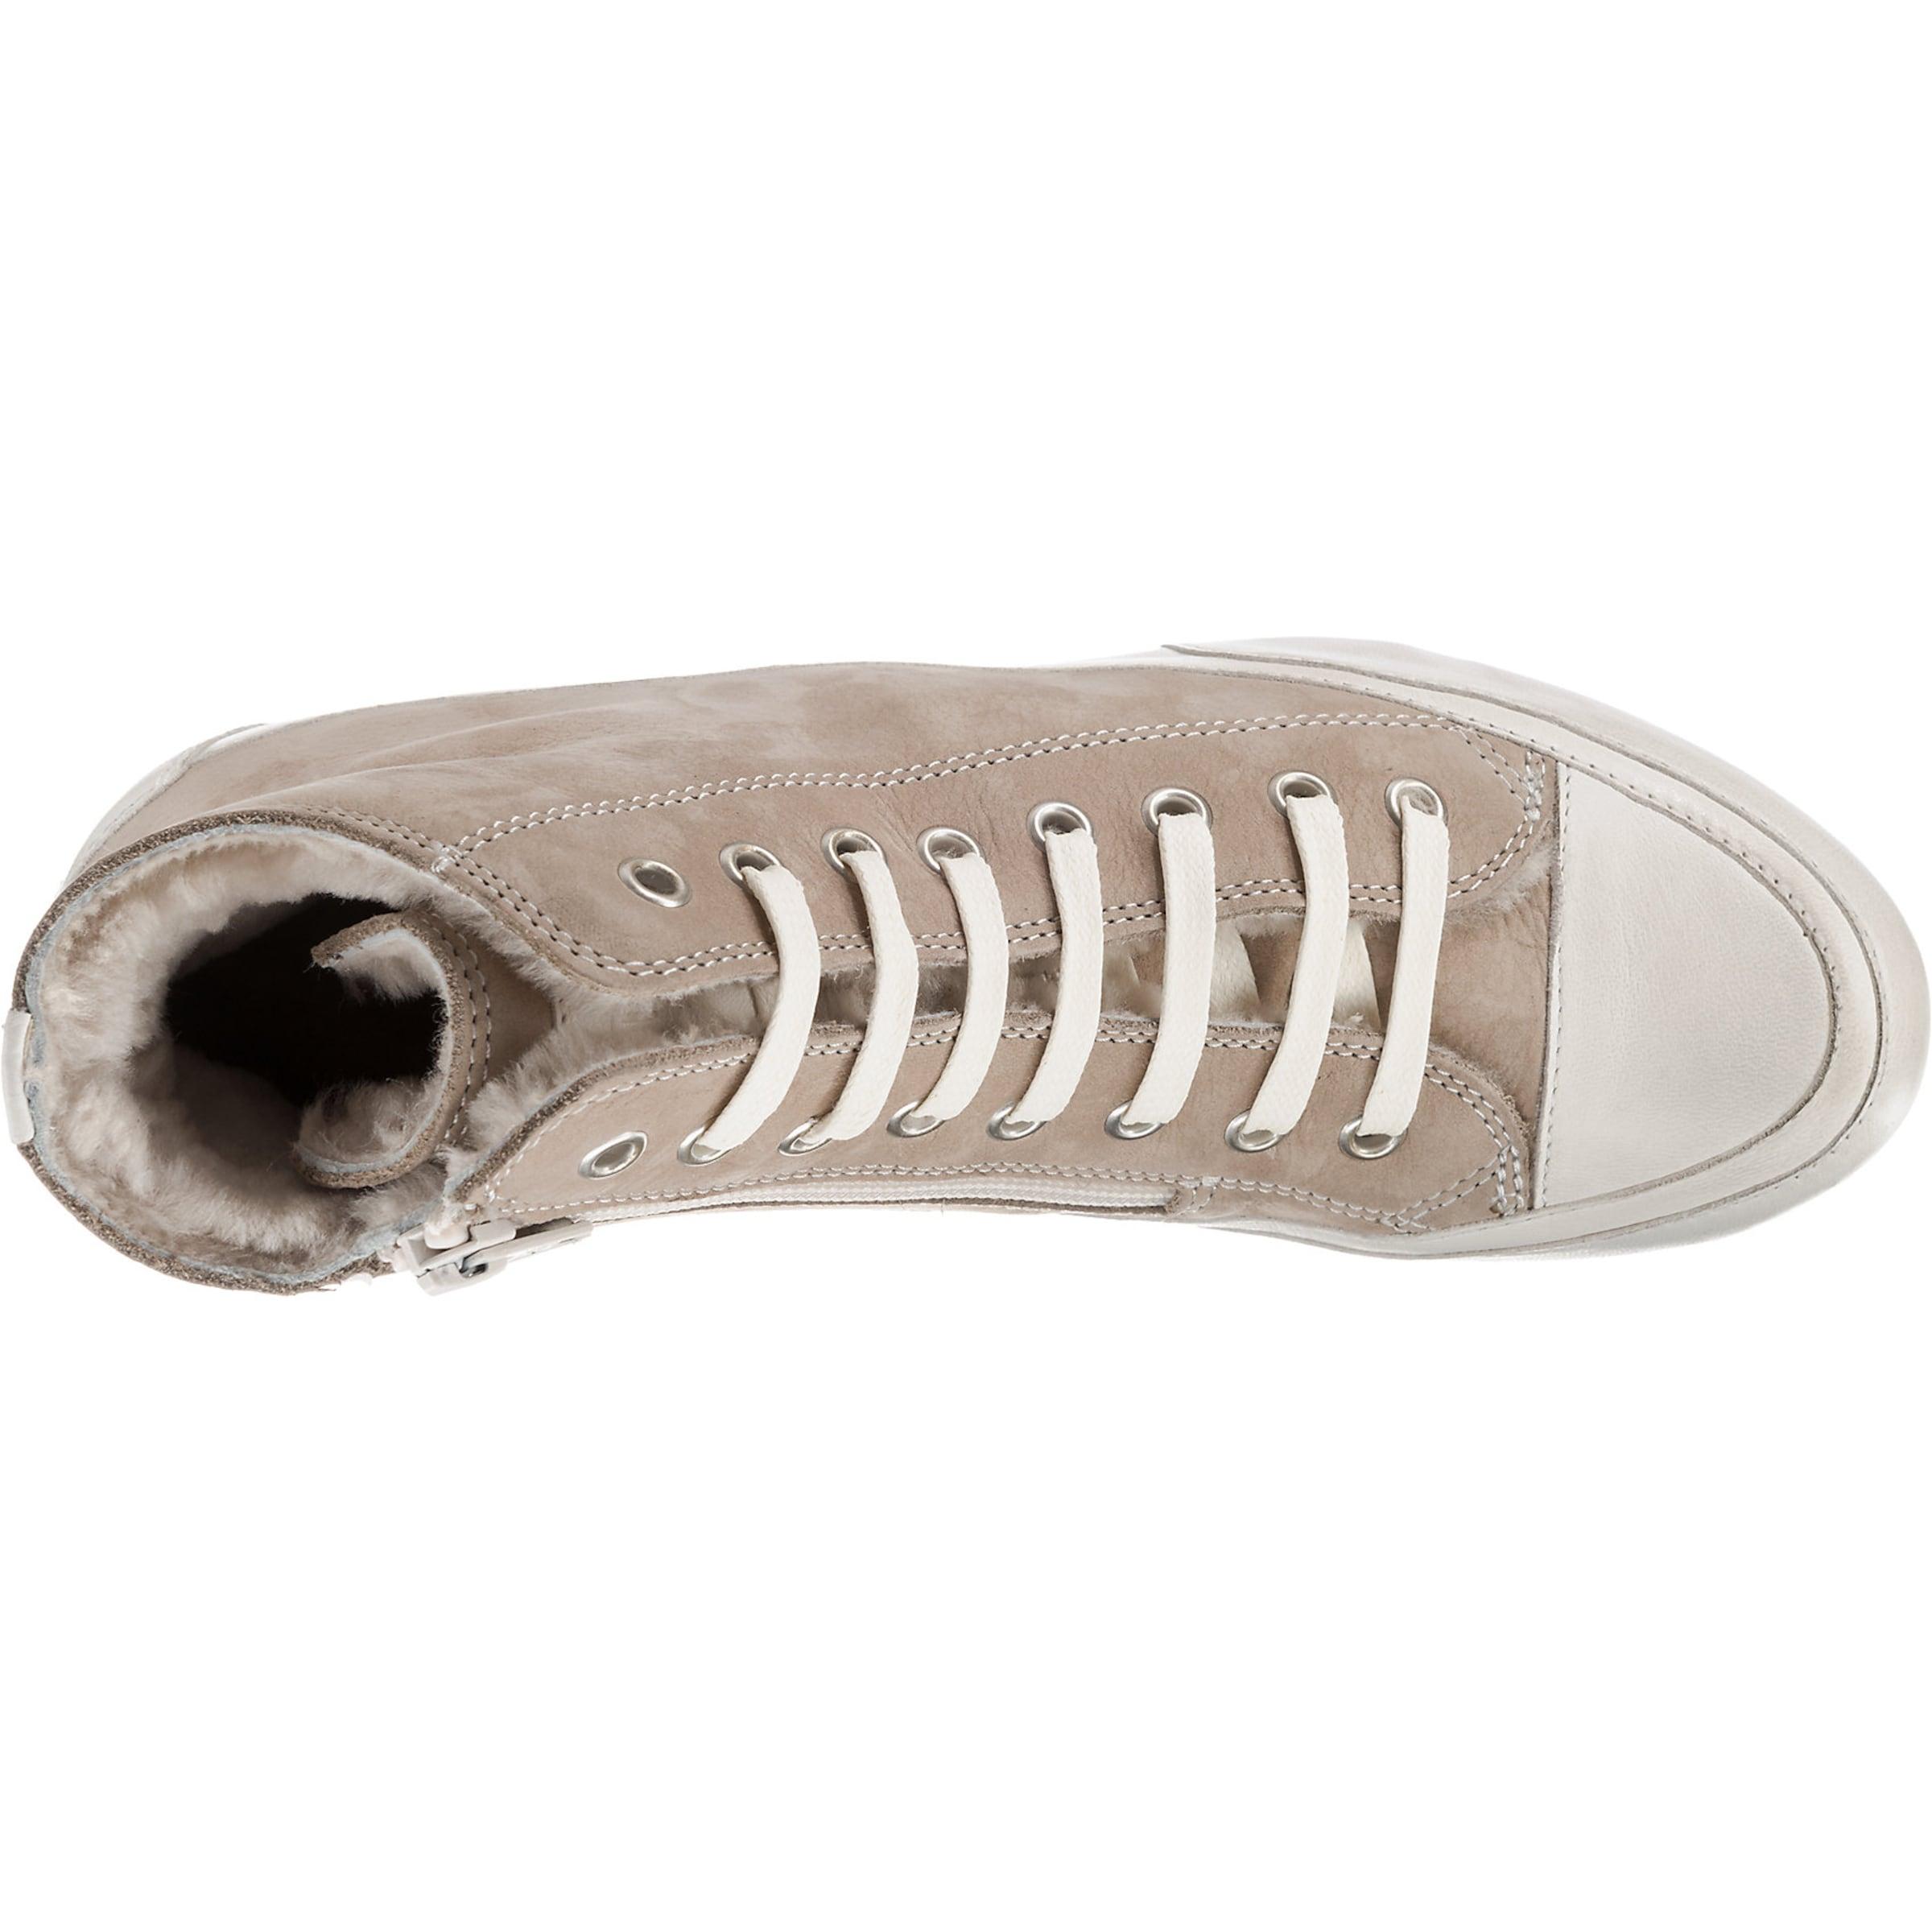 DunkelbeigeNaturweiß Sneakers Sneakers Cooper Candice In Cooper DunkelbeigeNaturweiß In Cooper Candice Candice ukOXPiTZ